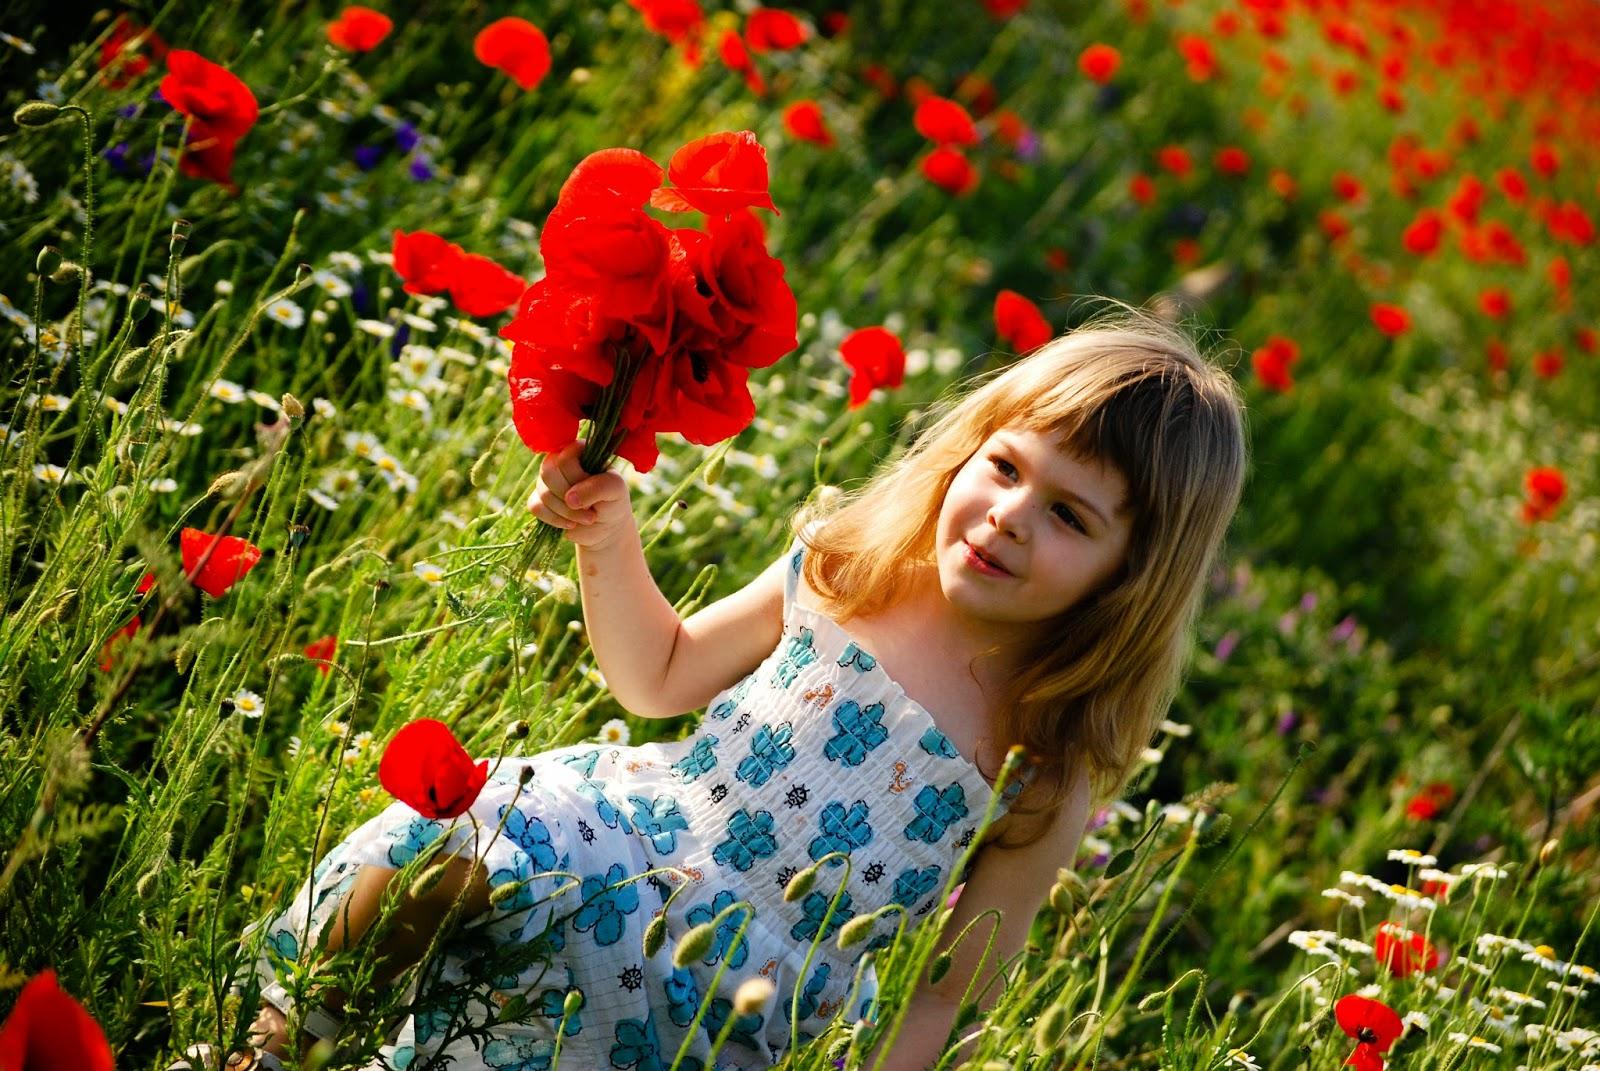 Цитаты к фото девушки в цветах